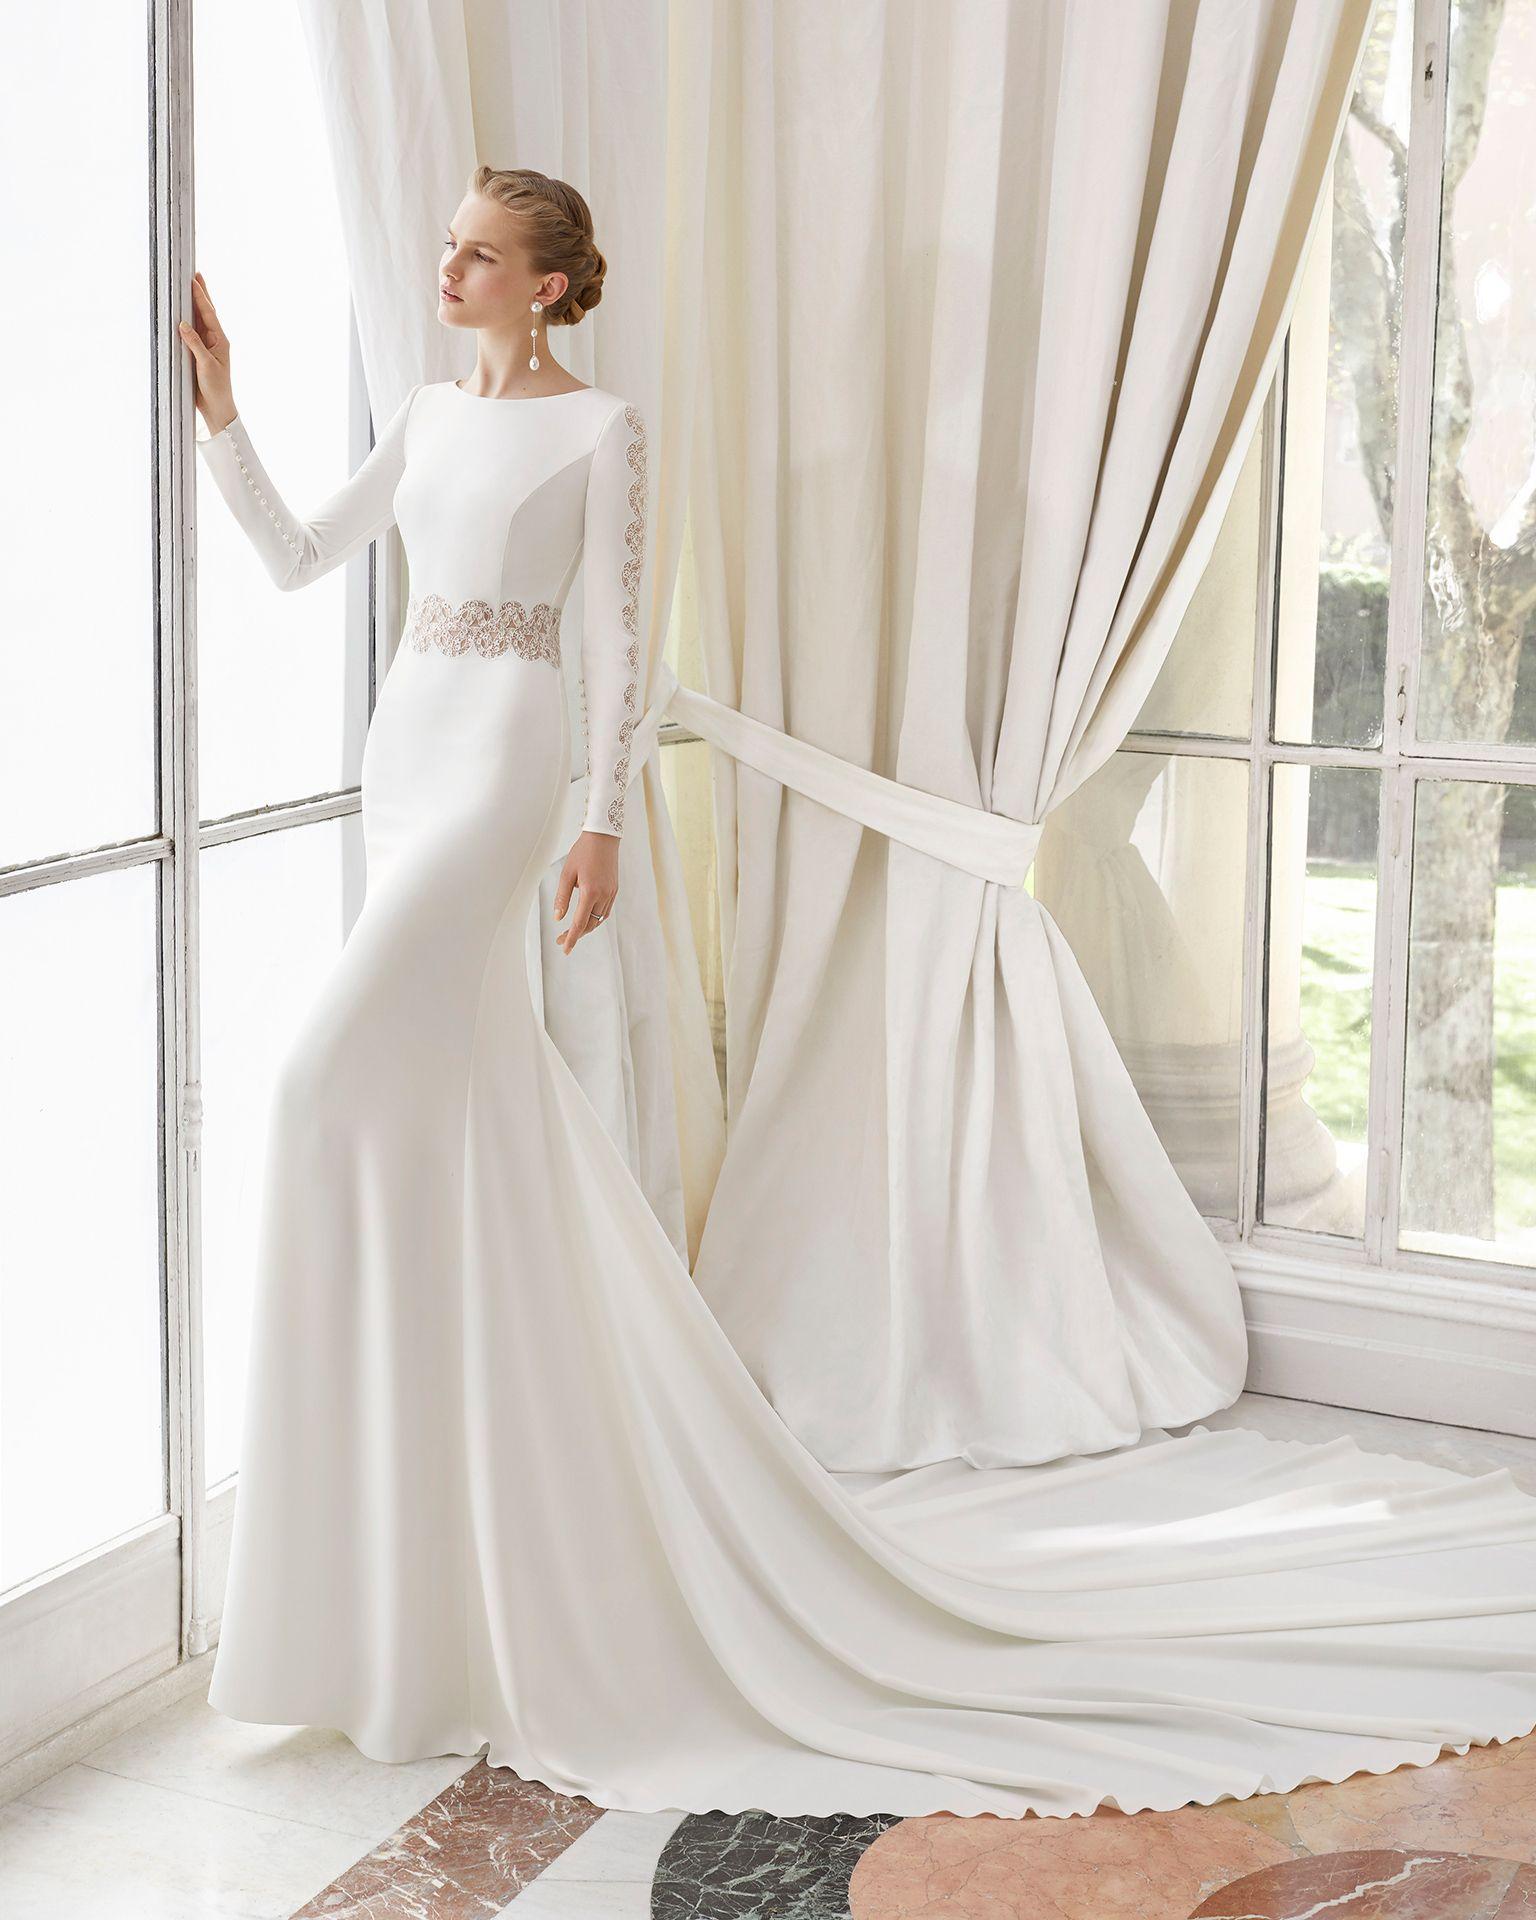 27 Ideas De Vestidos De Novia De Invierno Vestido De Novia Perfecto Vestidos De Novia De Invierno Novia De Invierno